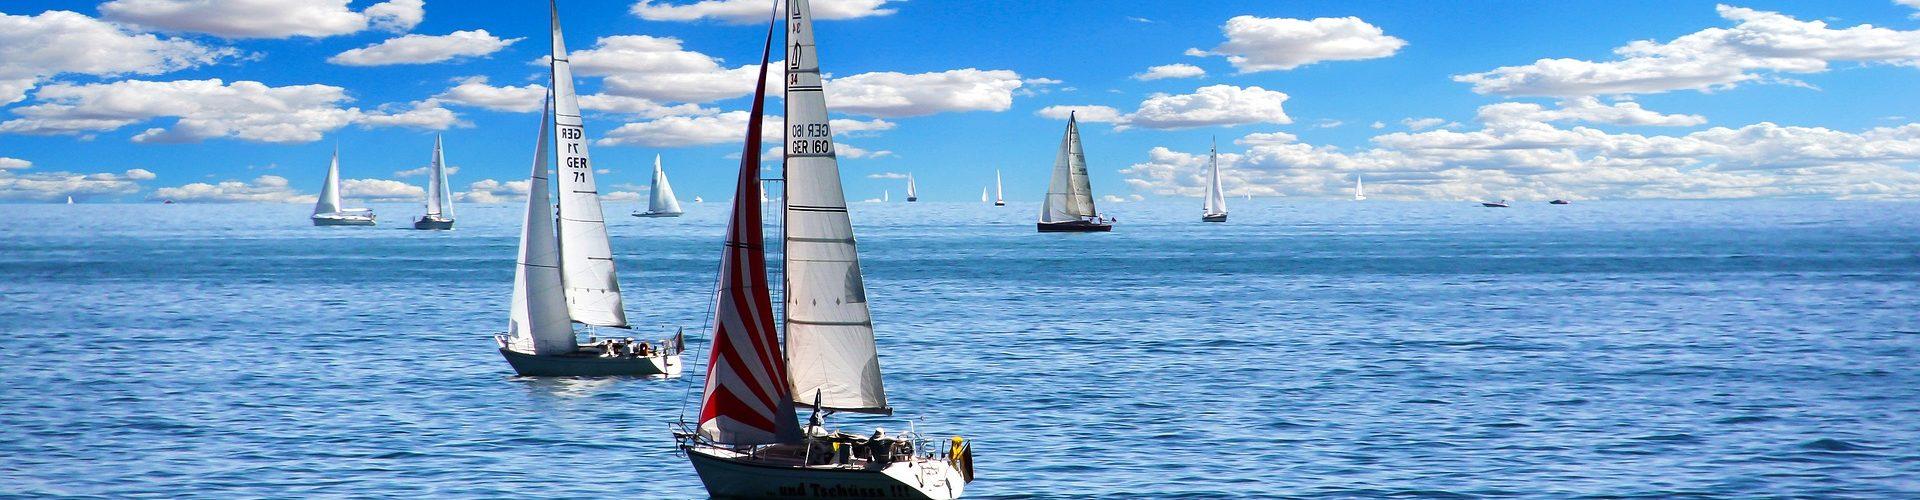 segeln lernen in Borkum segelschein machen in Borkum 1920x500 - Segeln lernen in Borkum